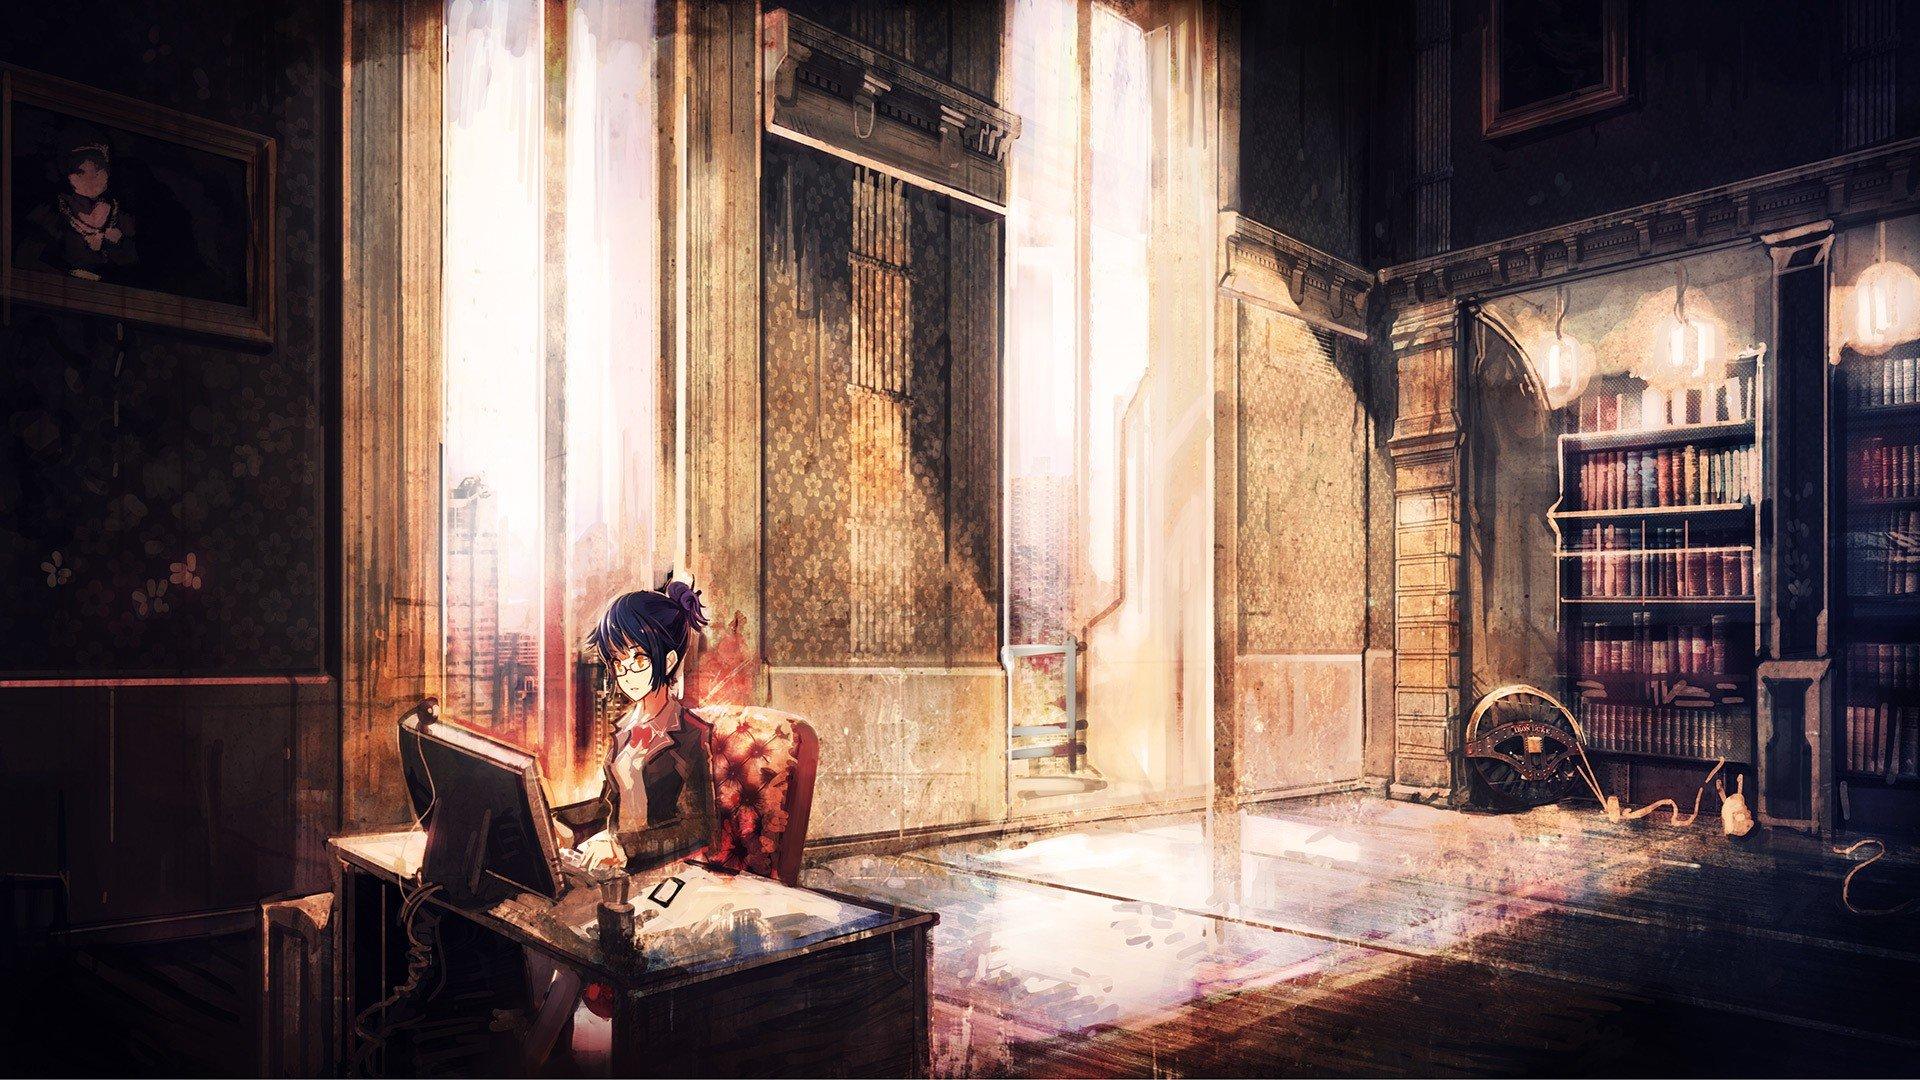 purple hair, Short hair, Anime, Anime girls, Glasses, Room, Monitor Wallpaper